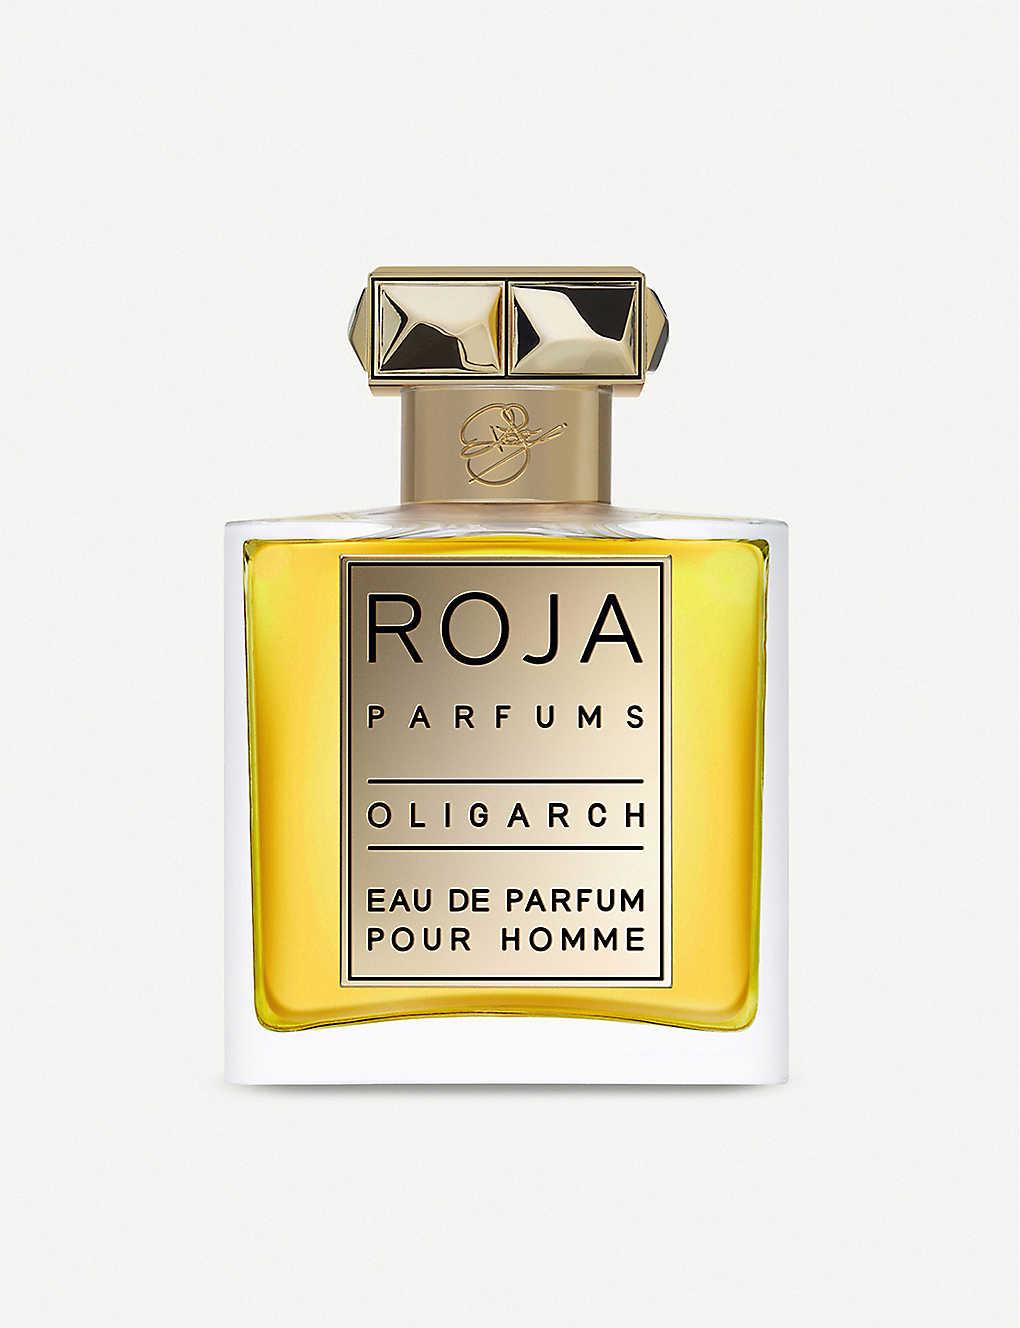 Roja Parfums Oligarch Eau De Parfum Pour Homme 50ml Selfridgescom